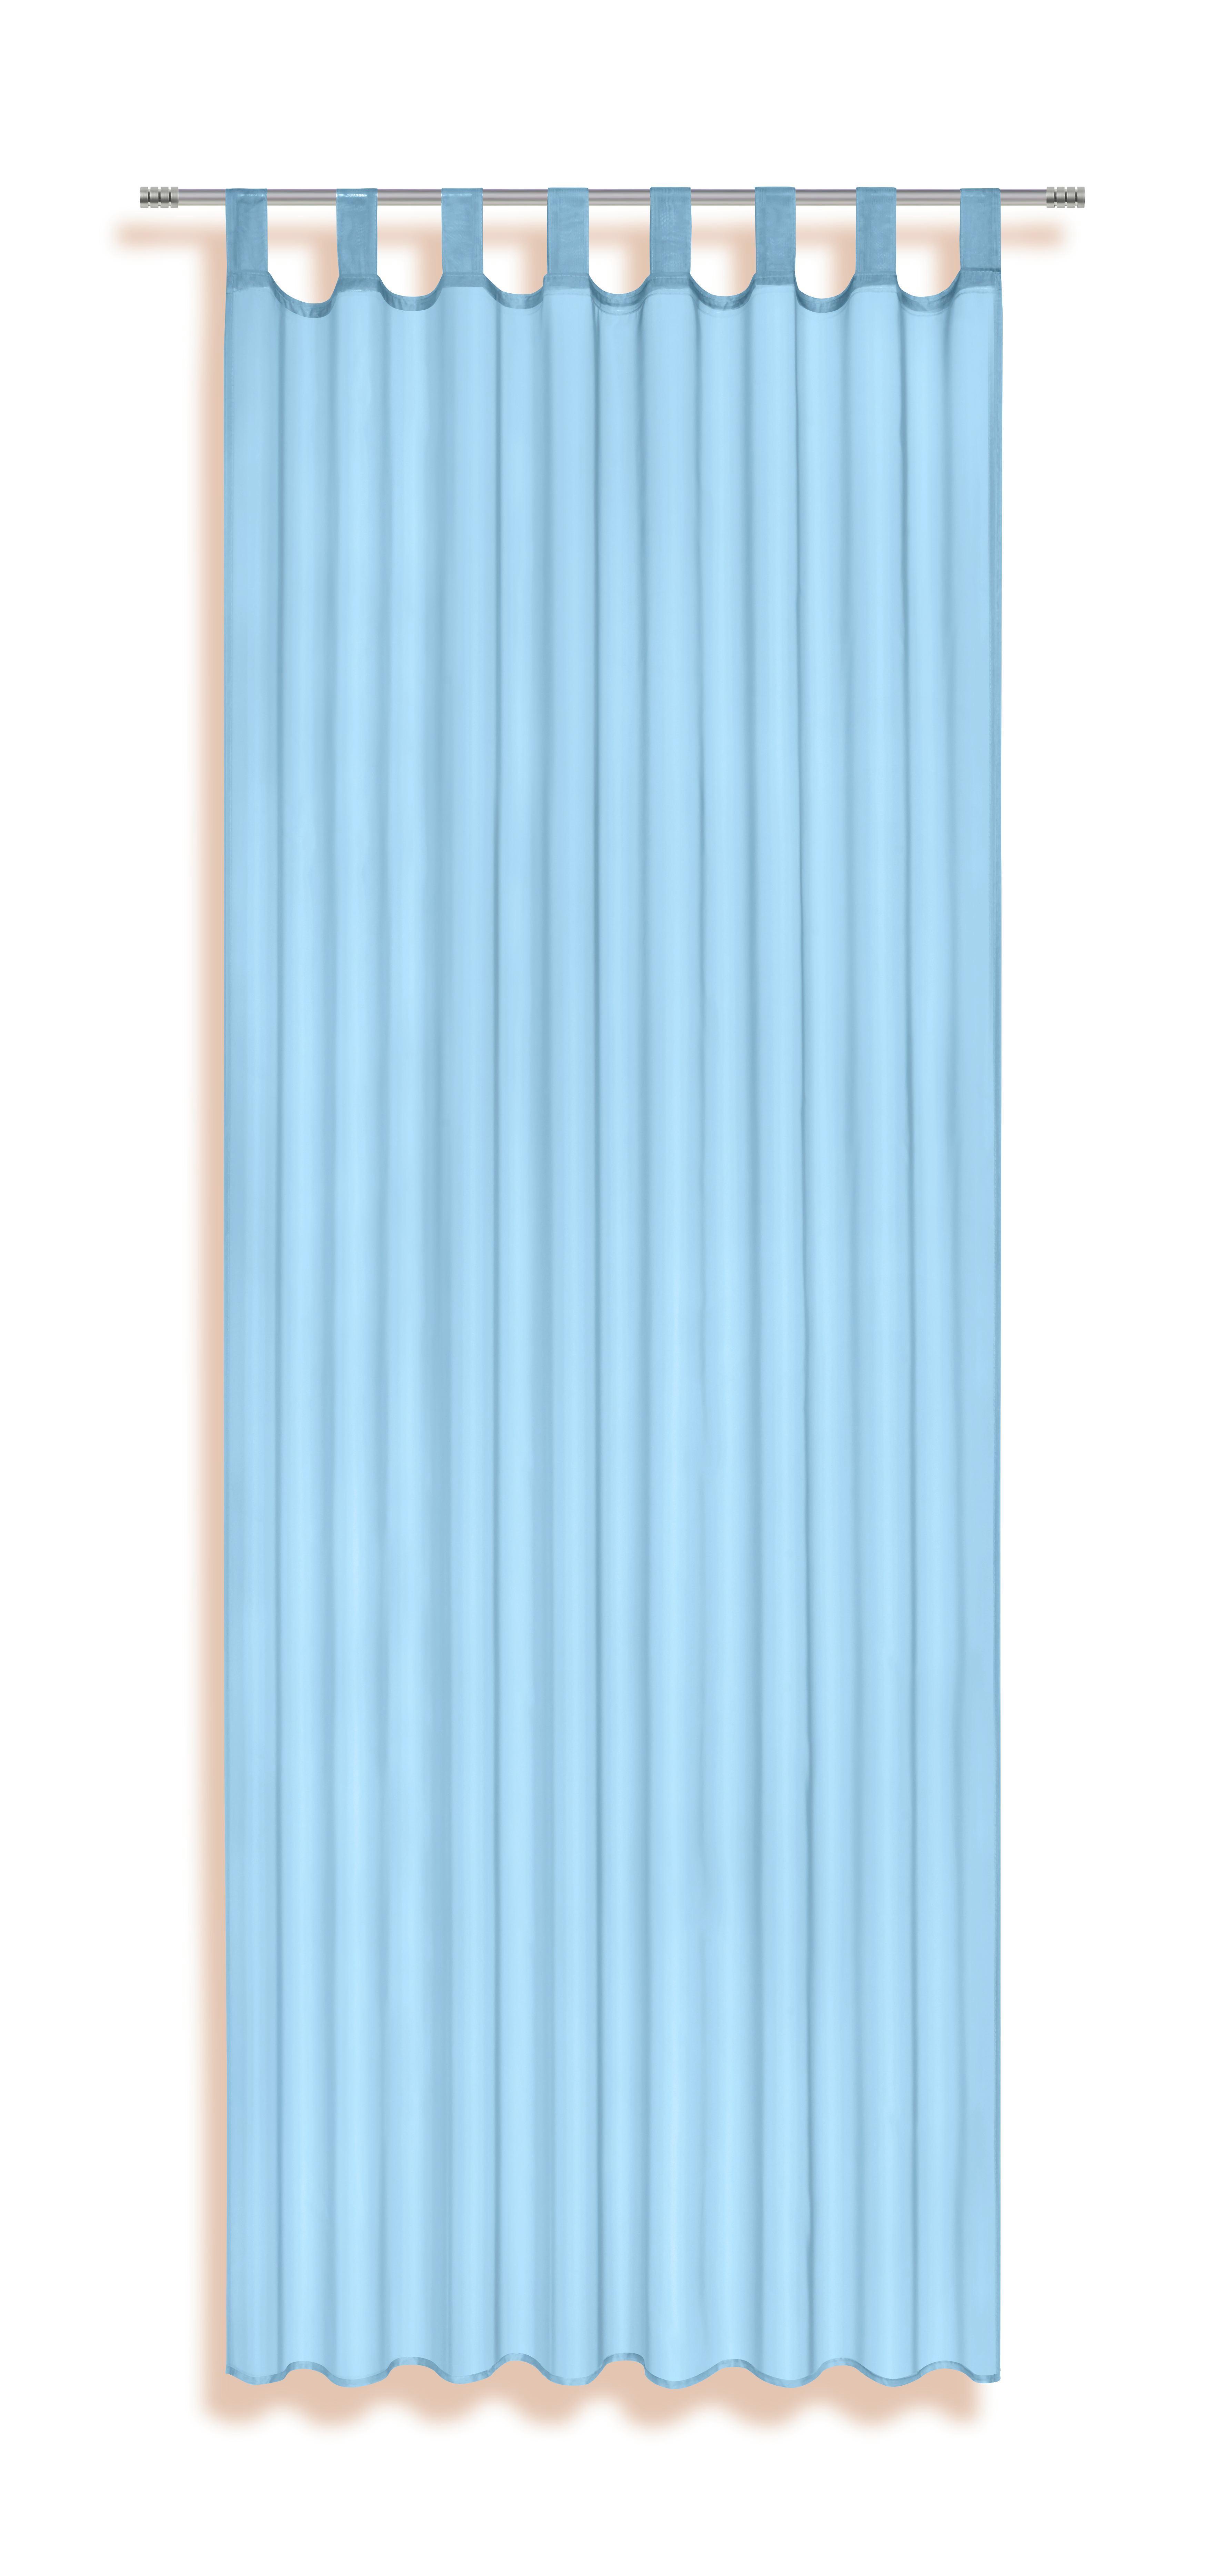 Schlaufenvorhang türkis